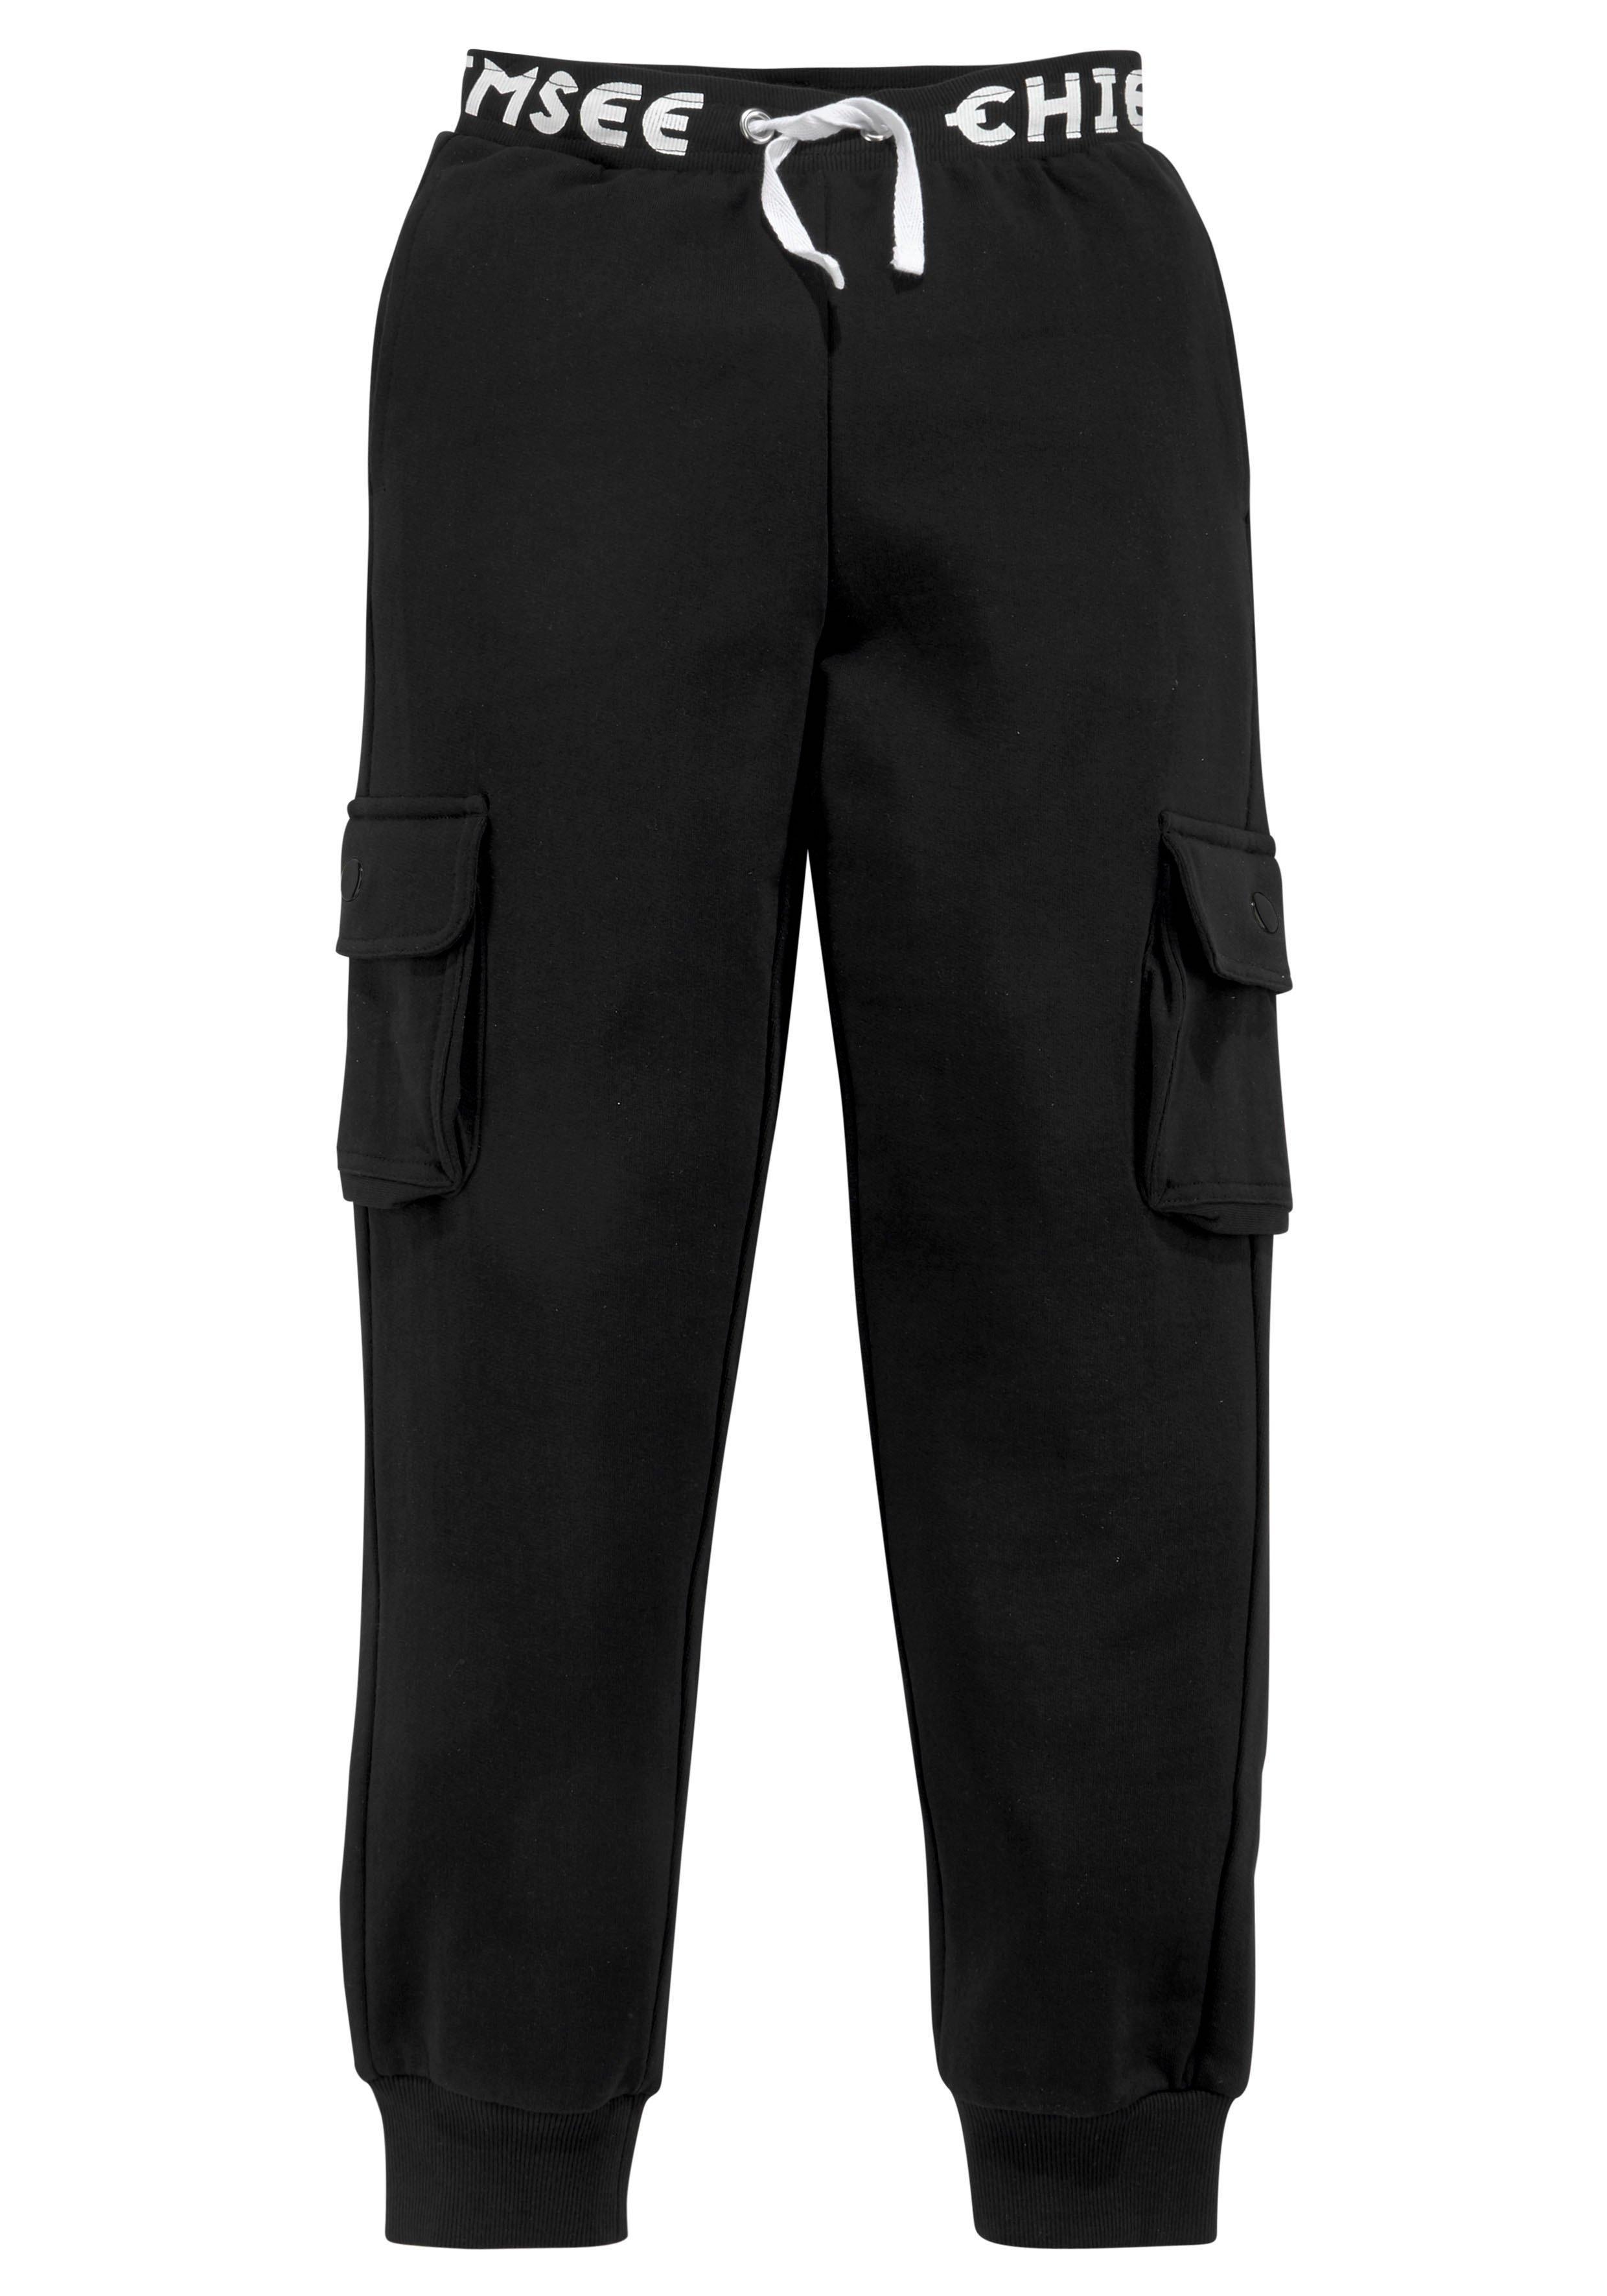 Chiemsee sweatpants Met een groot logo in de band in de webshop van OTTO kopen